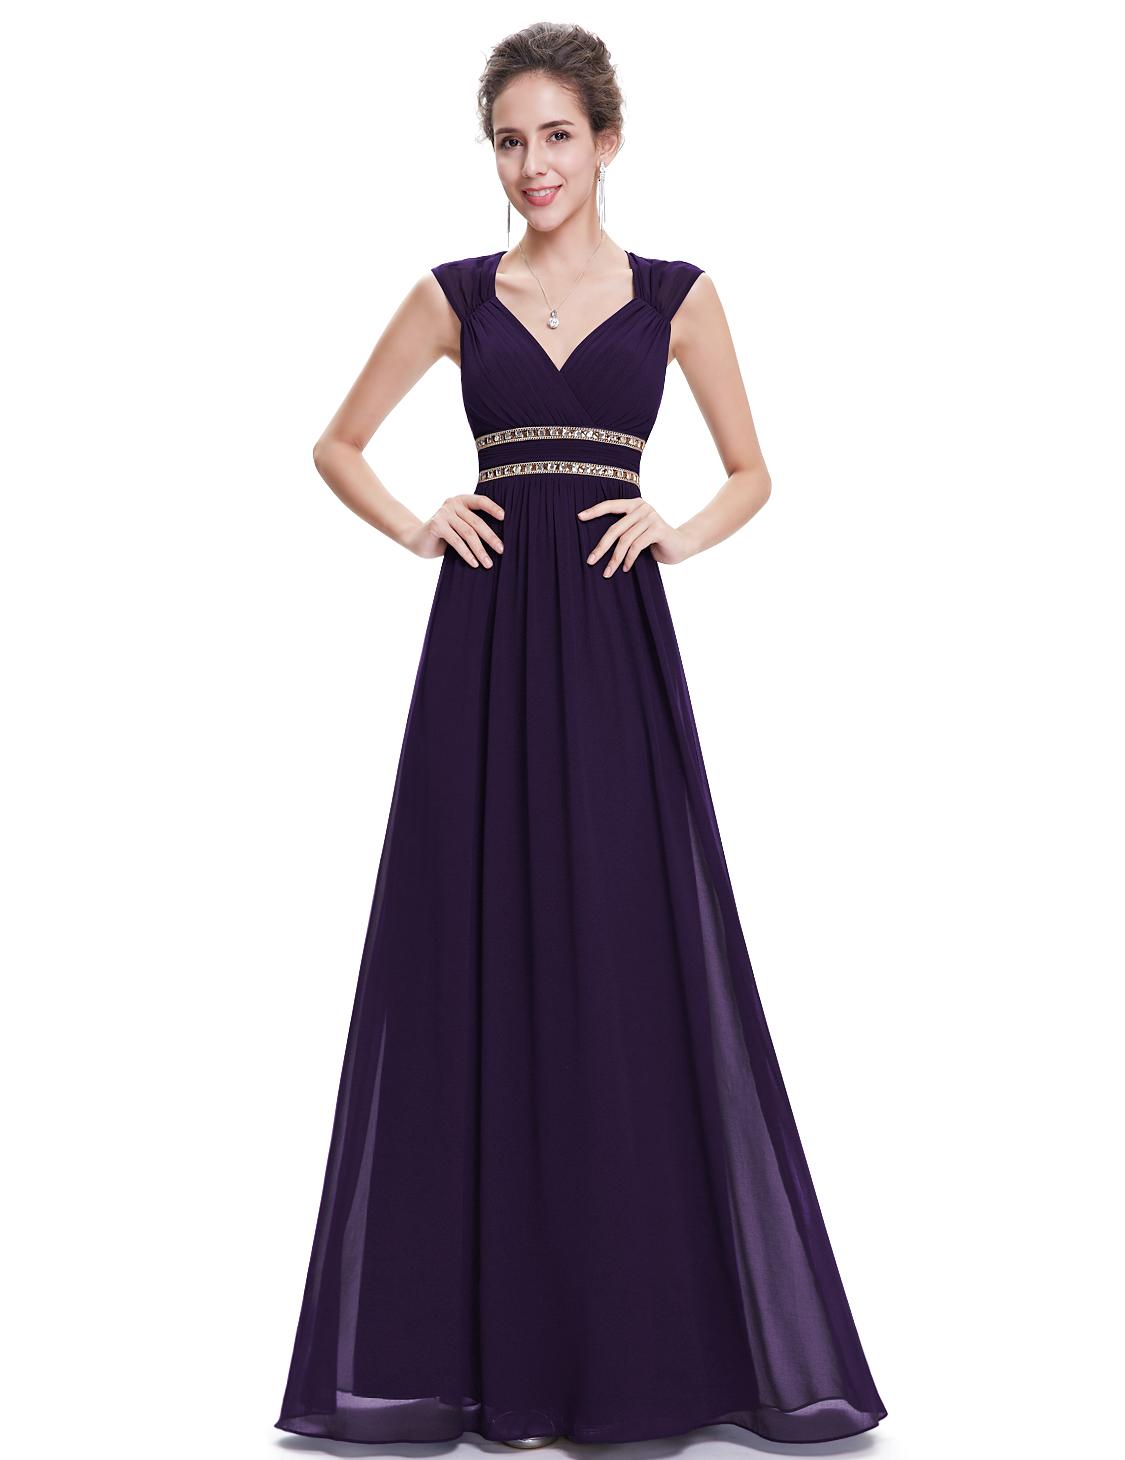 81257b1dac4 Fialové dlouhé společenské šaty ve stylu řecké bohyně 36 S ...